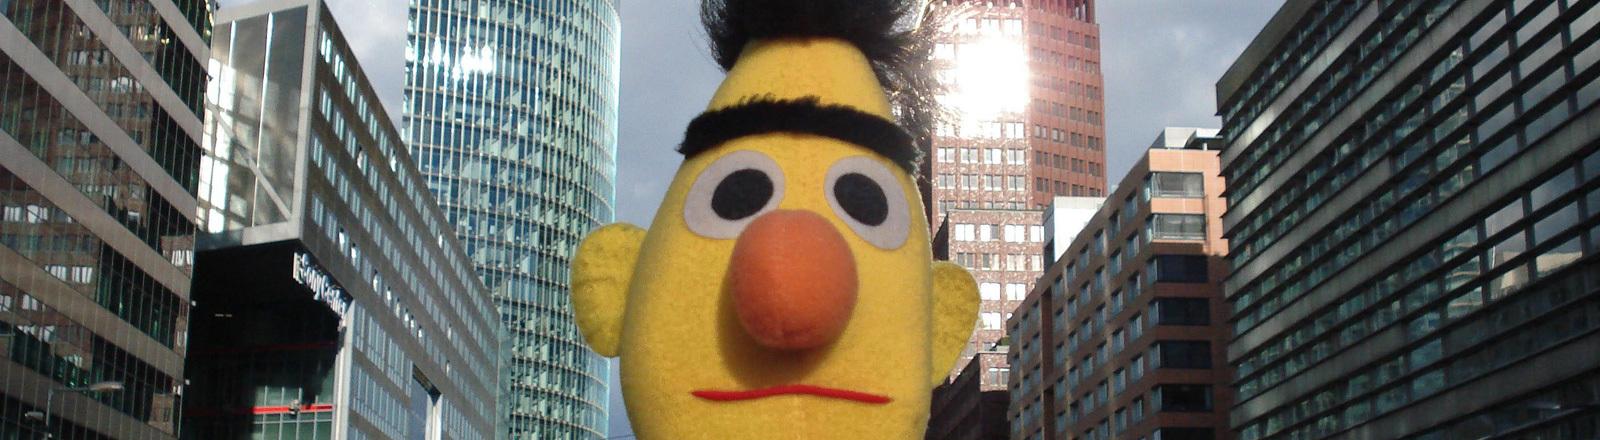 Die Figur Bert aus der Sesamstraße. Im Hintergrund Hochhäuser.